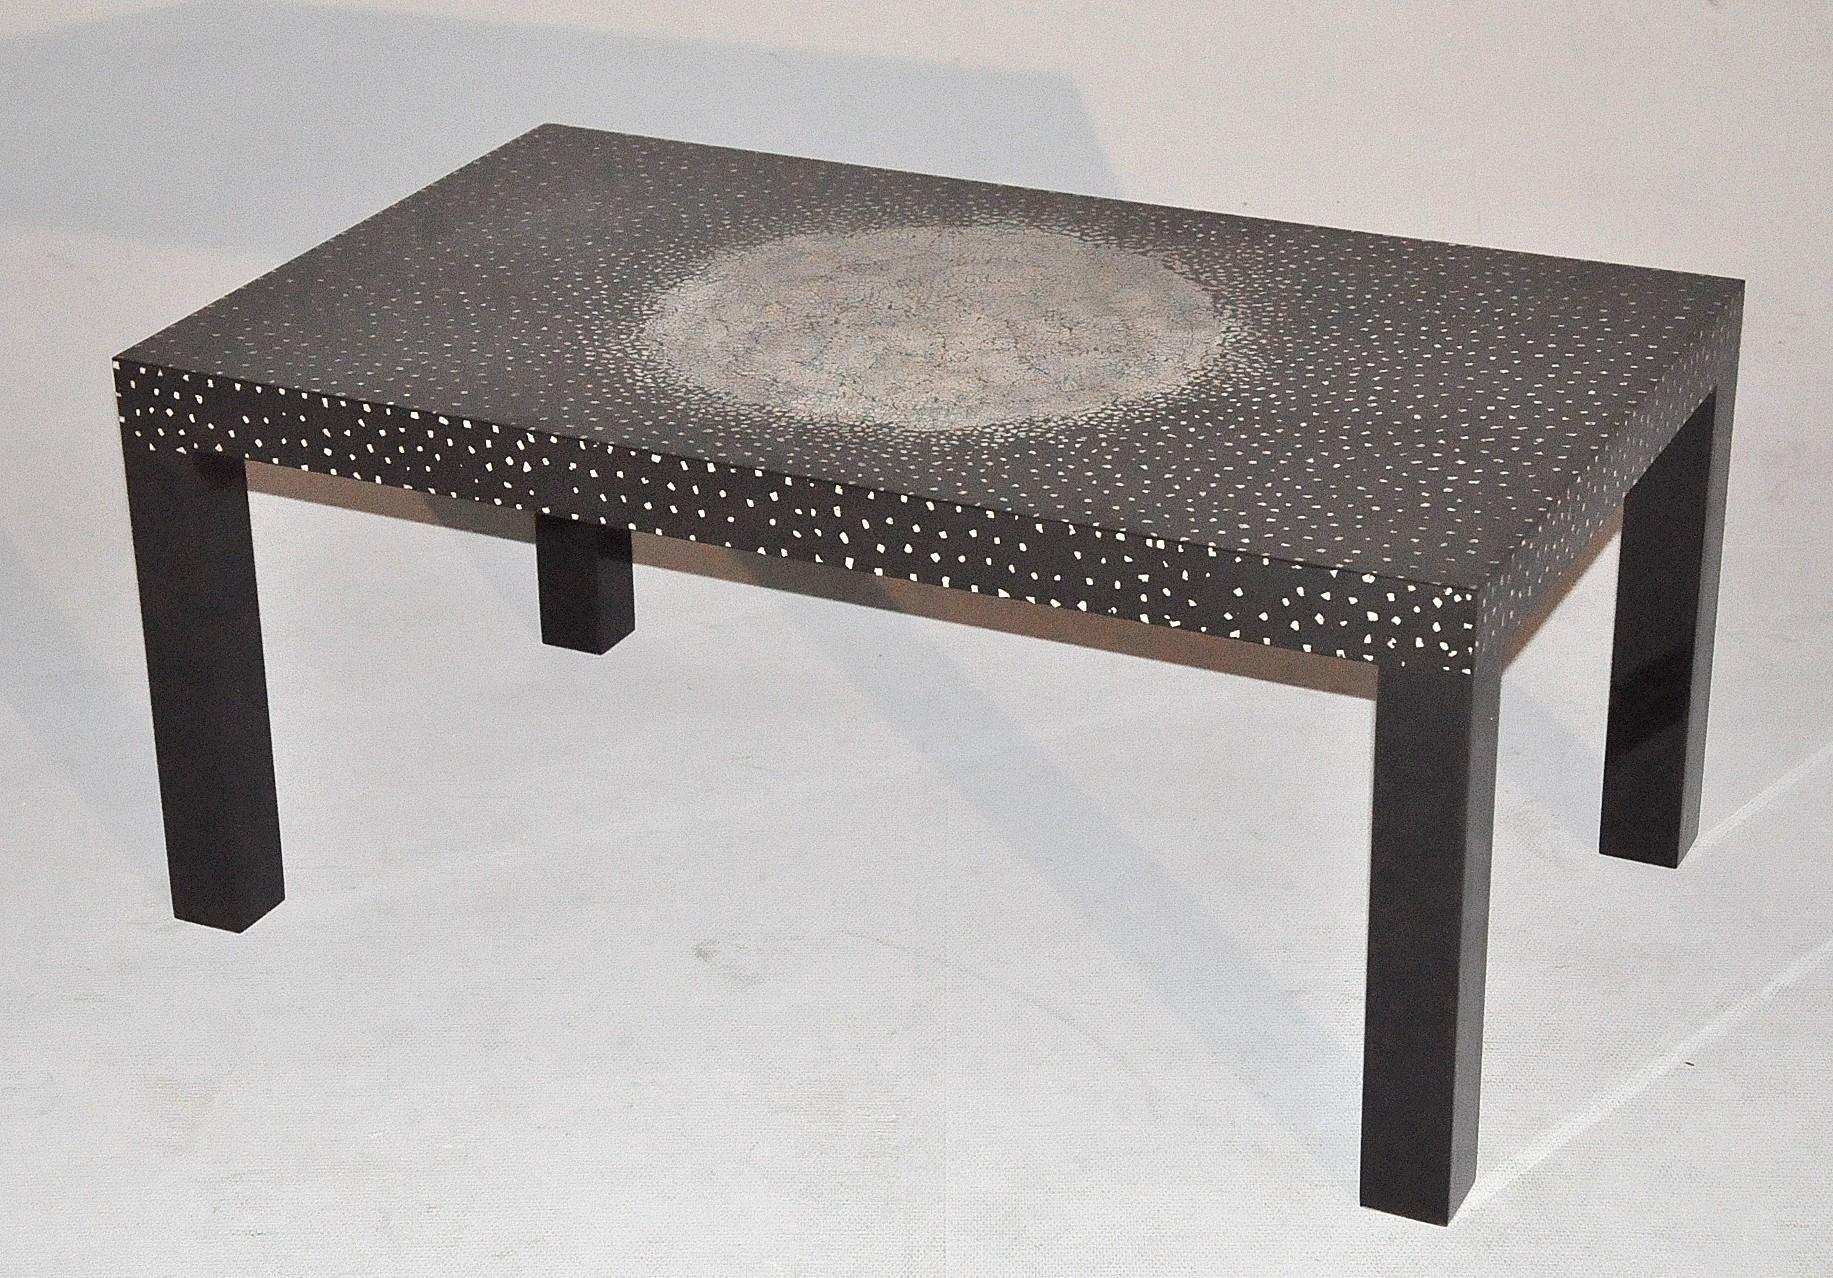 Table Basse rectangulaire laque noire et coquille d oeuf Demeure